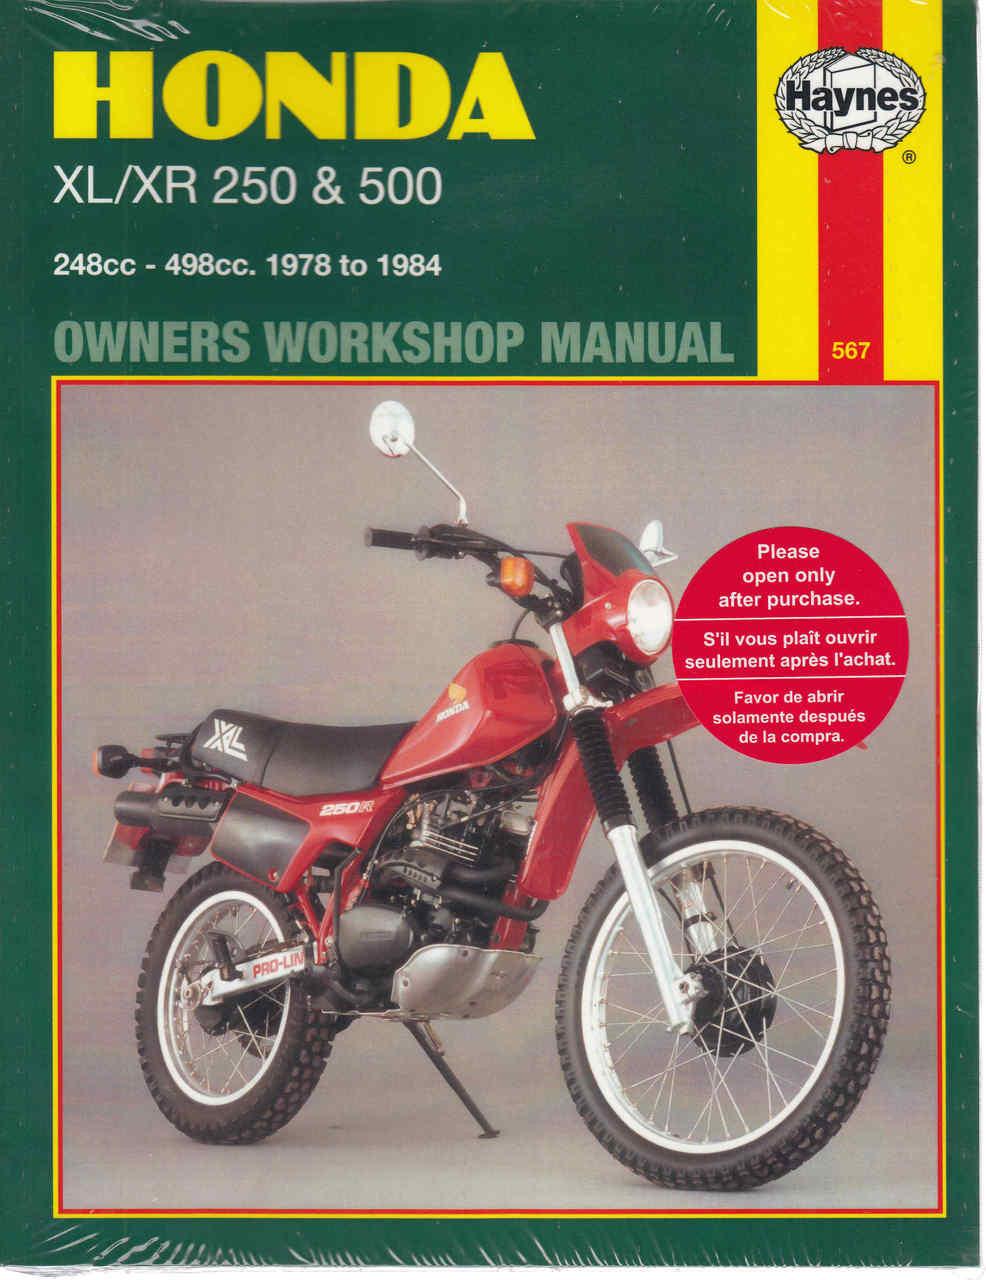 1984 honda nighthawk 750 service manual browse manual guides u2022 rh npiplus co 1982 honda nighthawk 750 repair manual 1982 honda nighthawk 750 manual